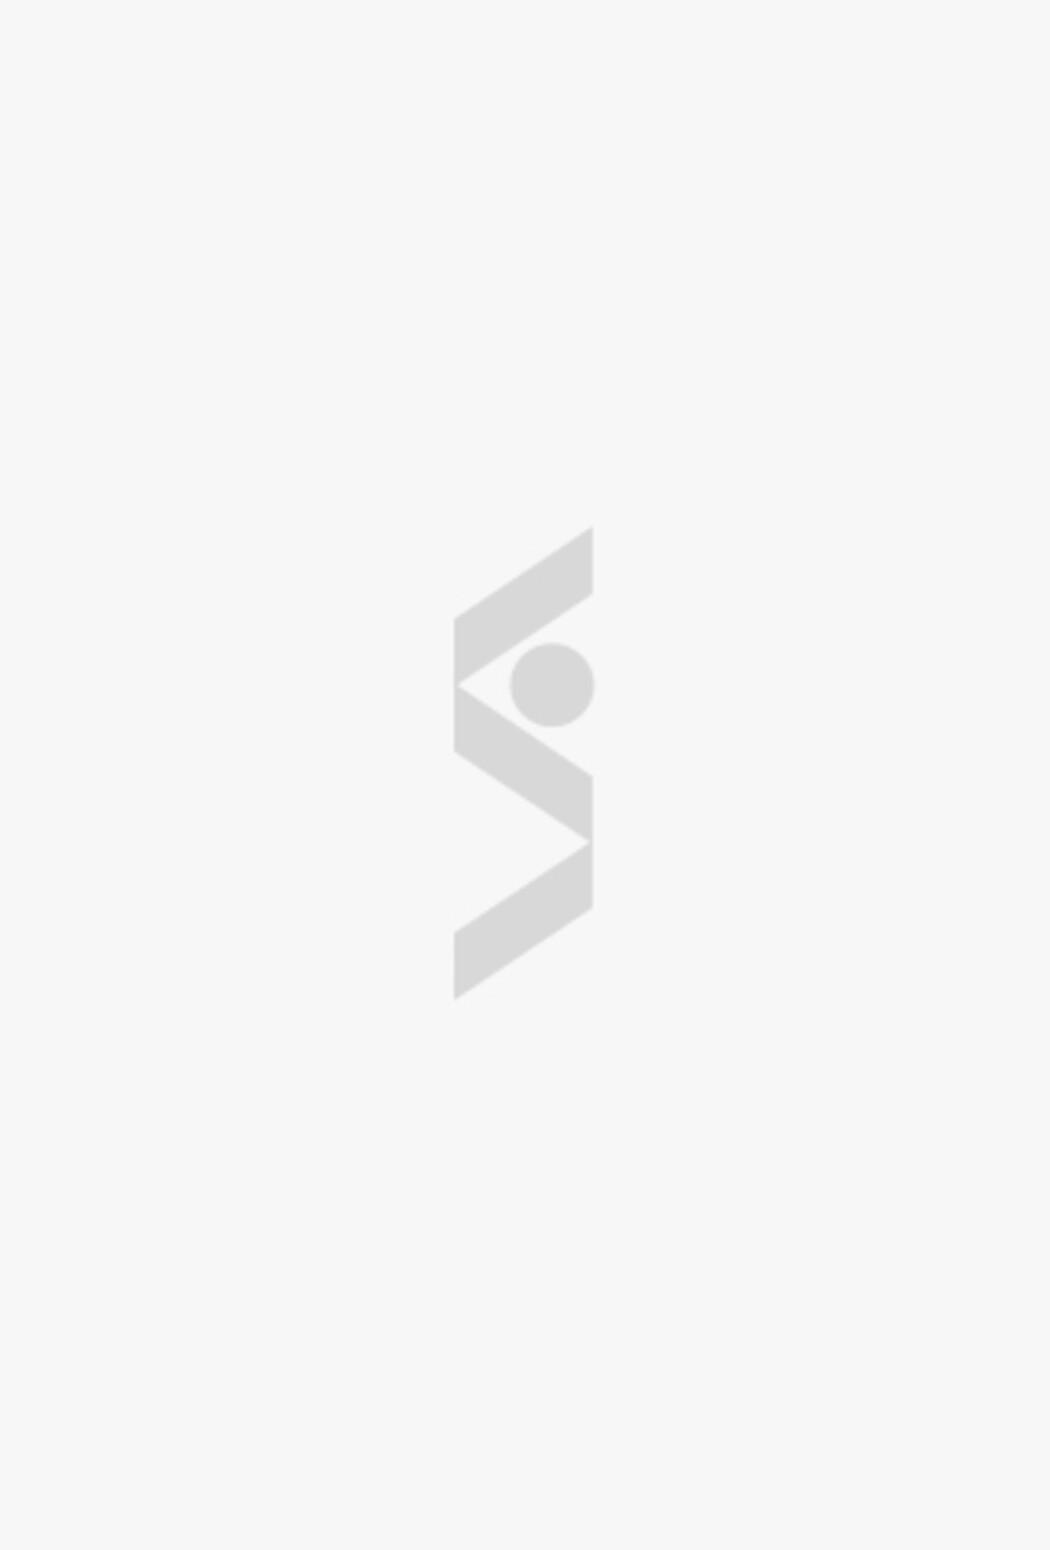 Лакированные ботинки Tommy Hilfiger - цена 6990 ₽ купить в интернет-магазине СТОКМАНН в Екатеринбурге BAFC85AF-910D-4DEB-A33F-6FEB126D97E3